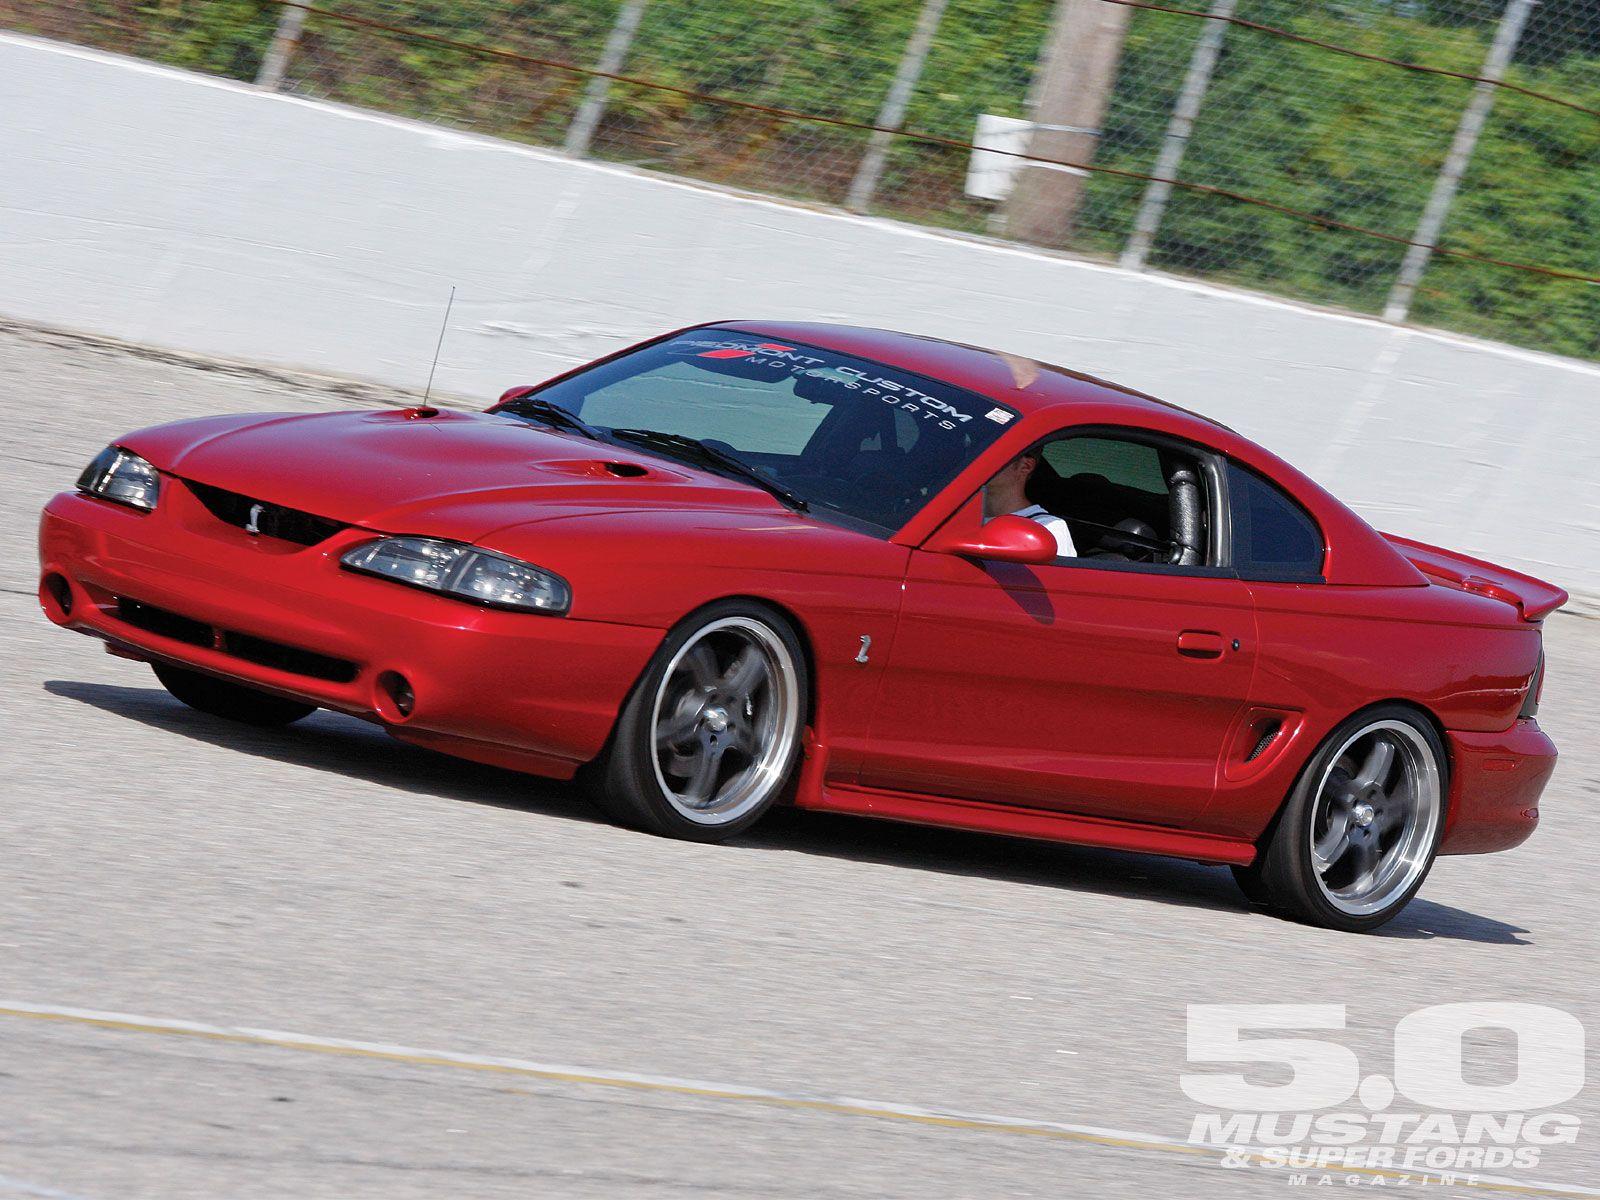 Sn 95 Mustang Race Car Build Sn95 Mustang Autos